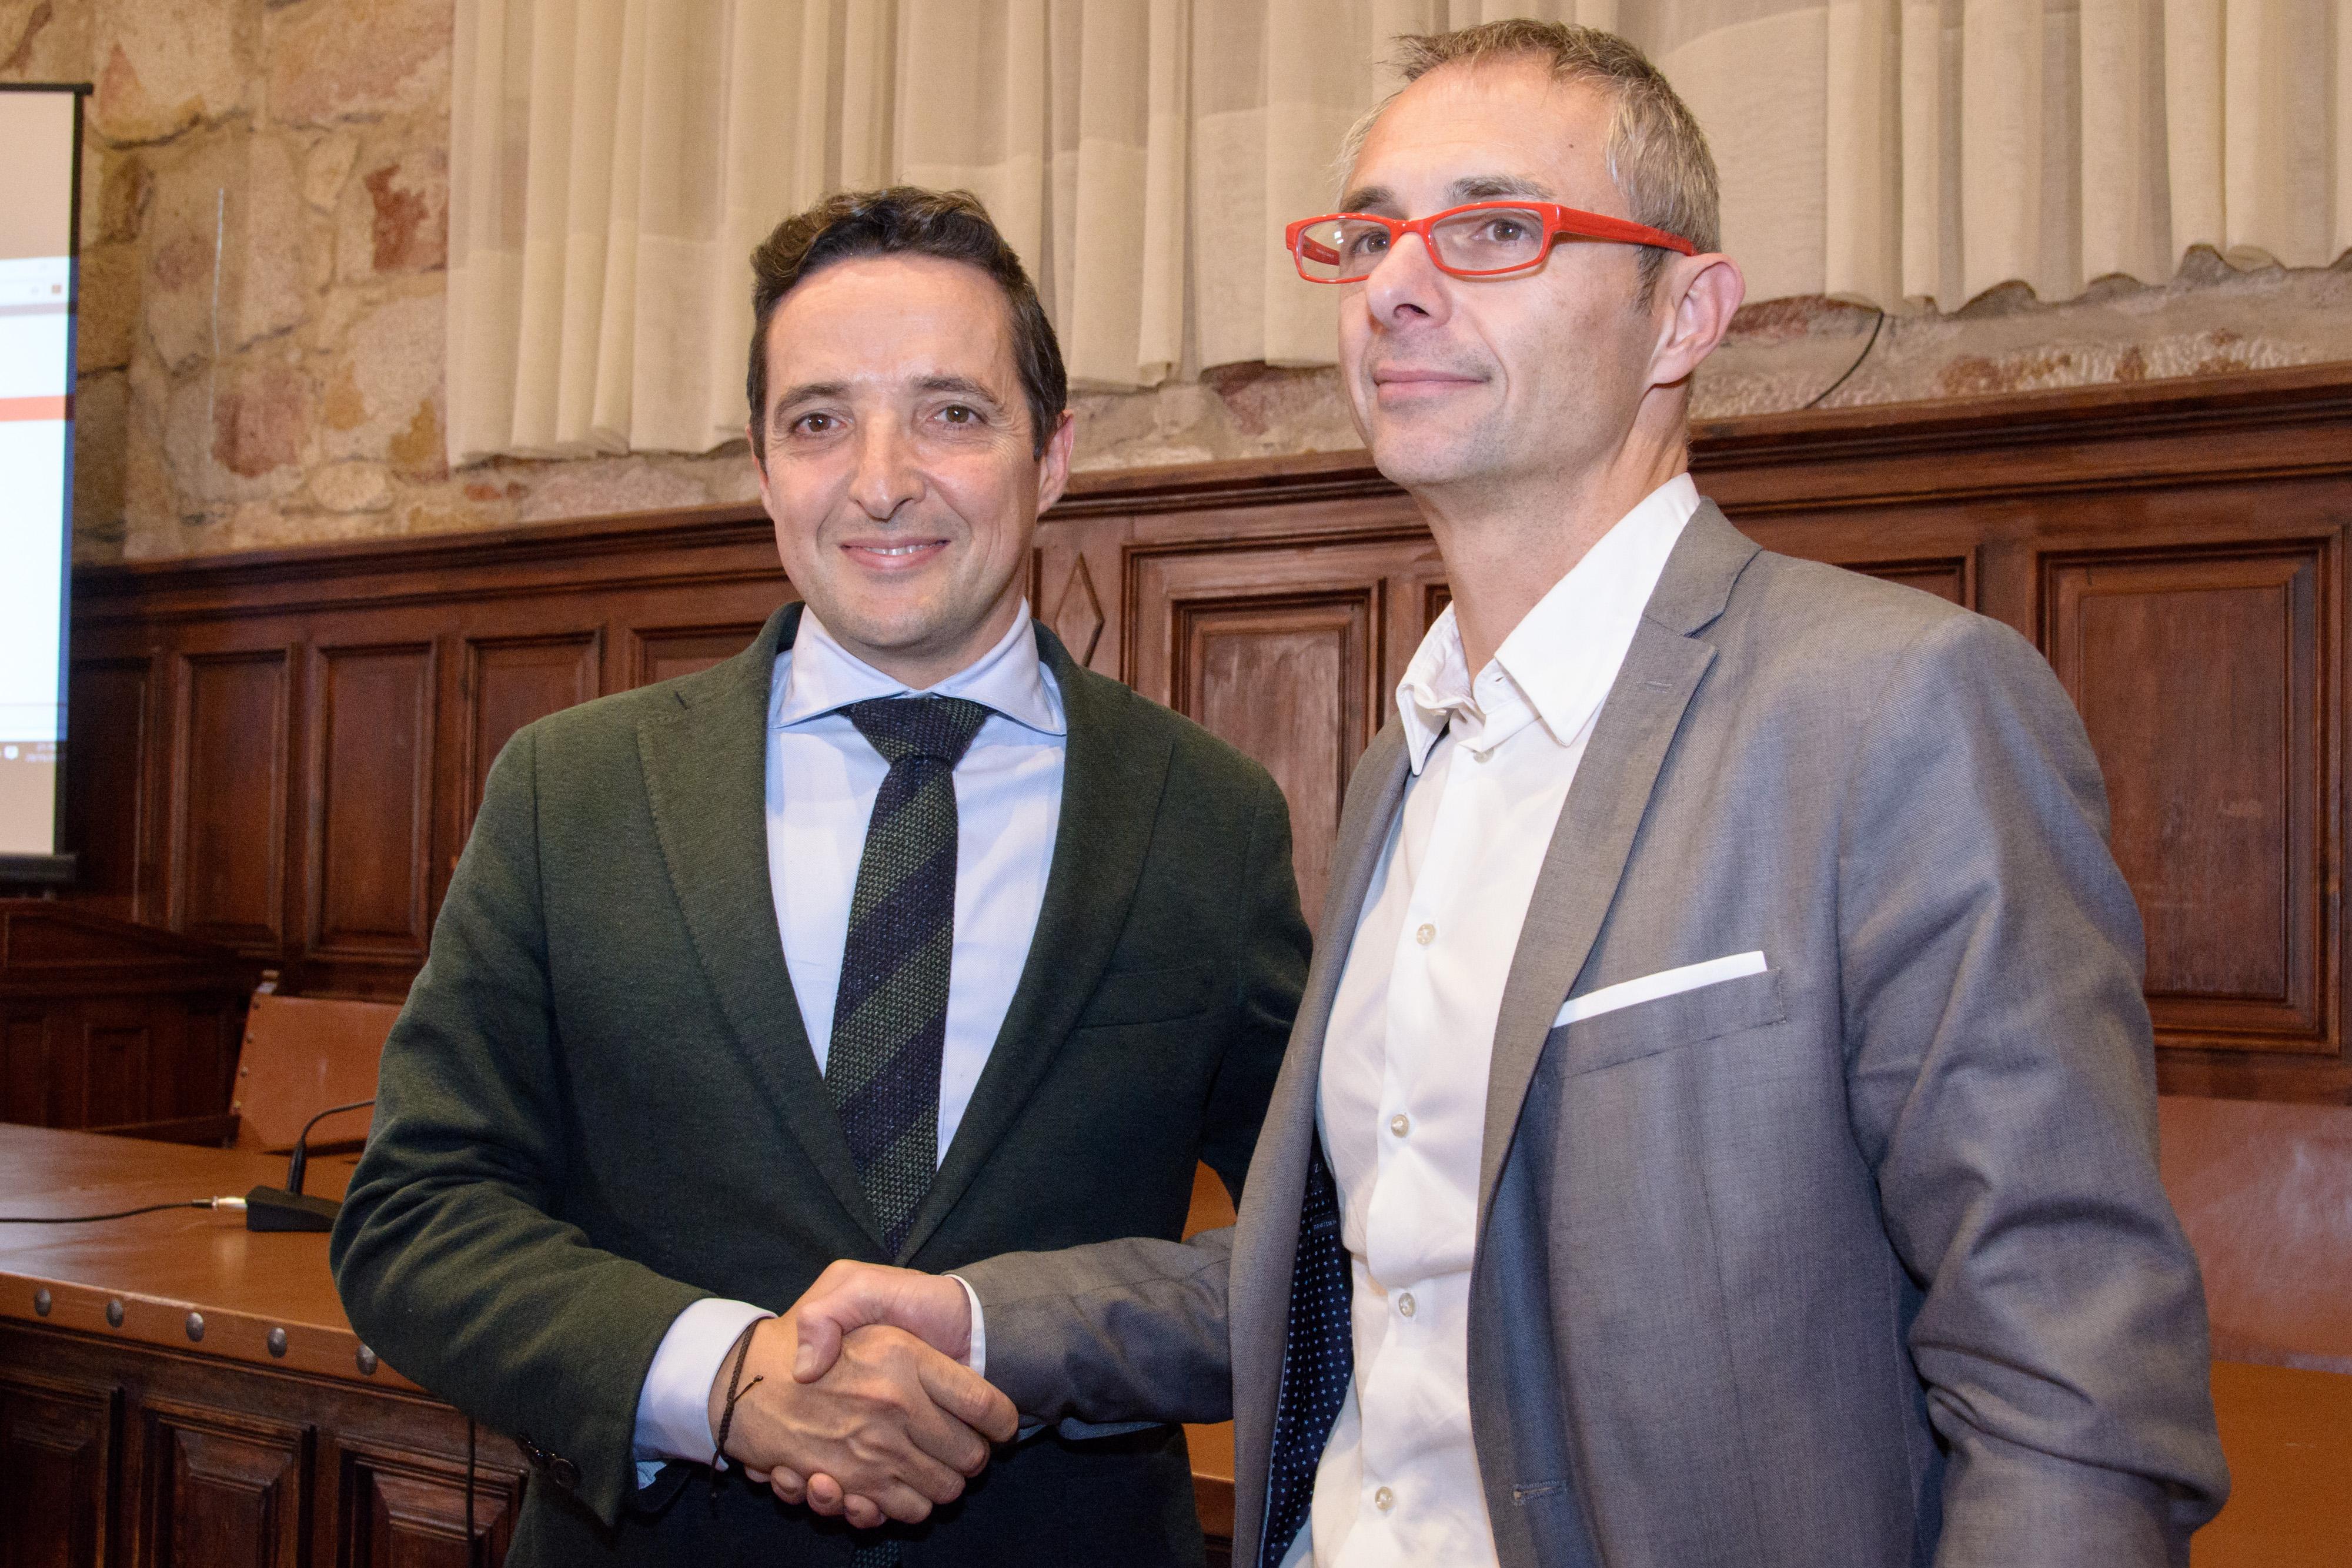 Ricardo Rivero y Juan Manuel Corchado se disputarán el Rectorado de la Universidad de Salamanca en segunda vuelta el 30 de noviembre